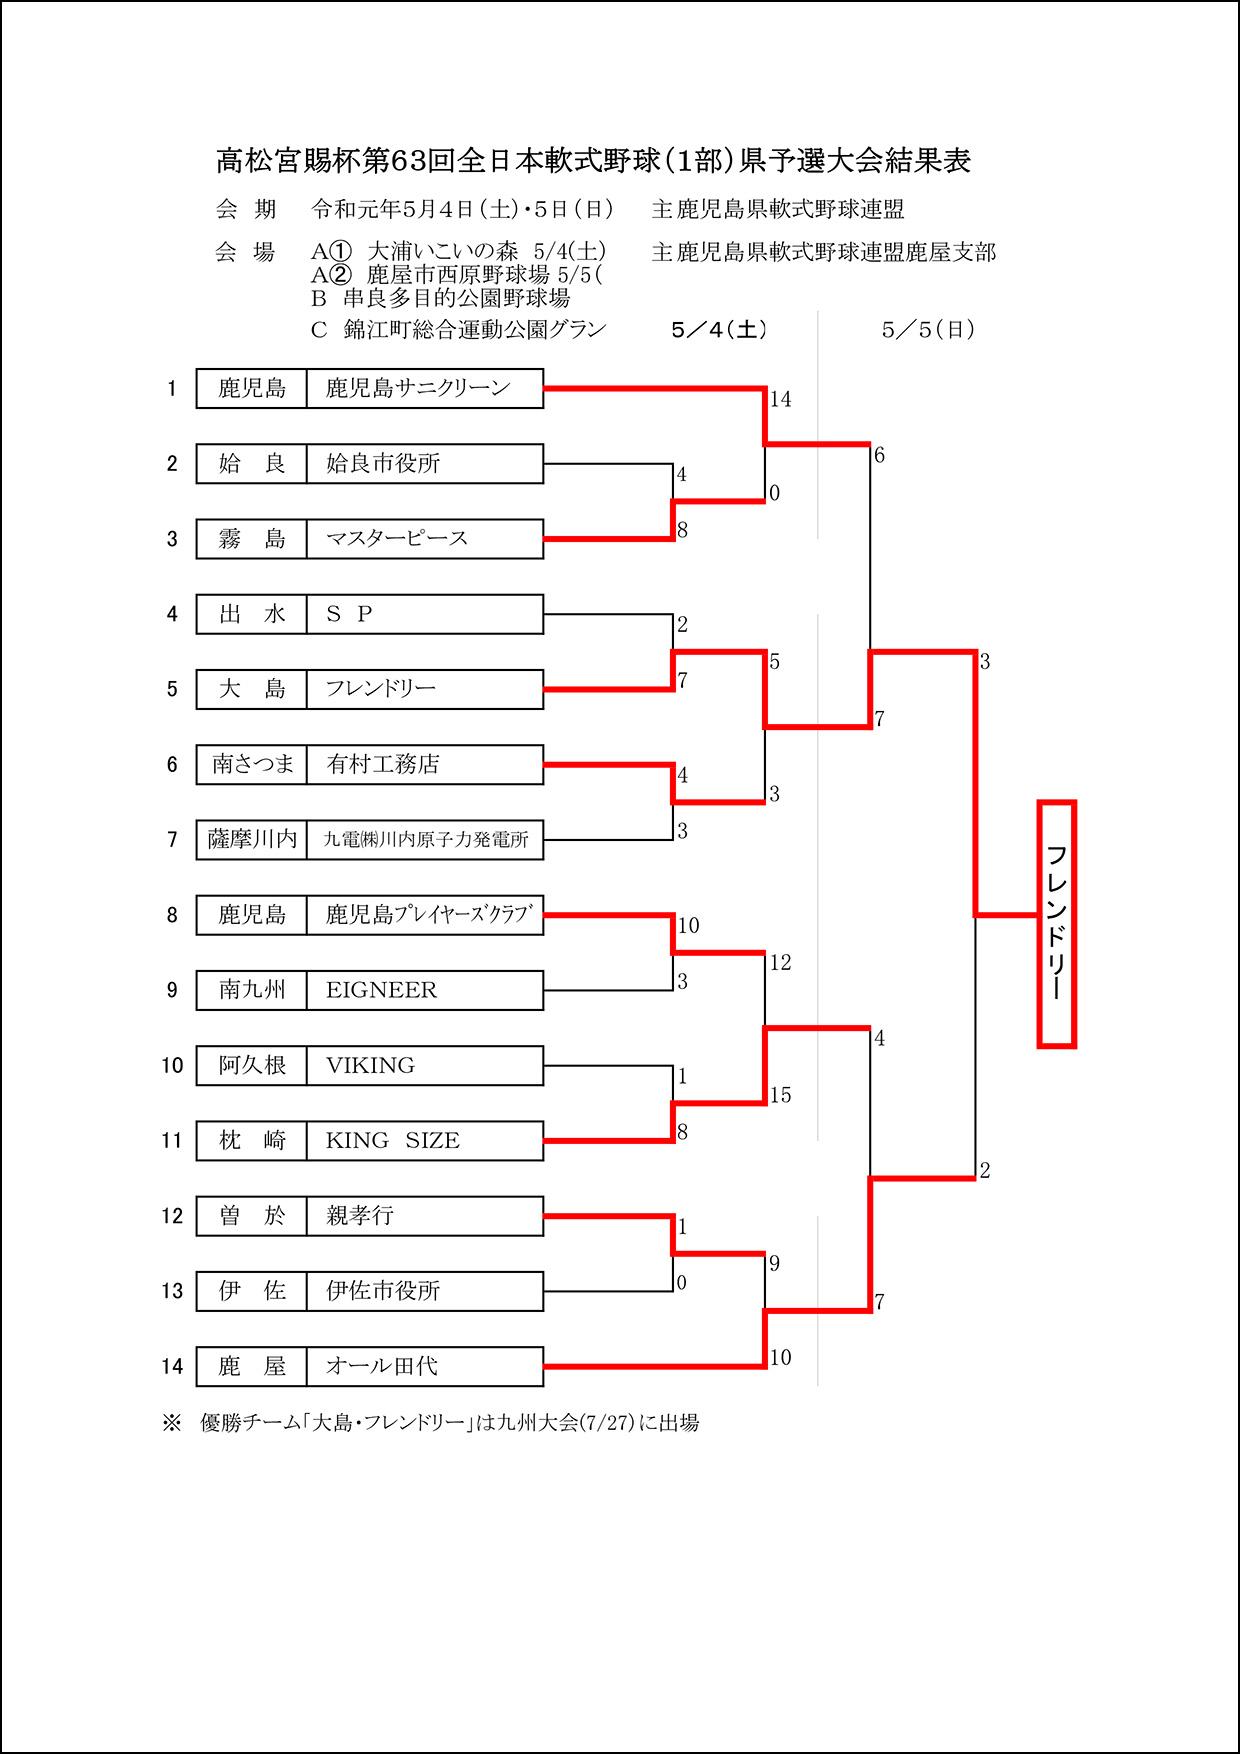 【結果】高松宮賜杯第63回全日本軟式野球(1部)県予選大会